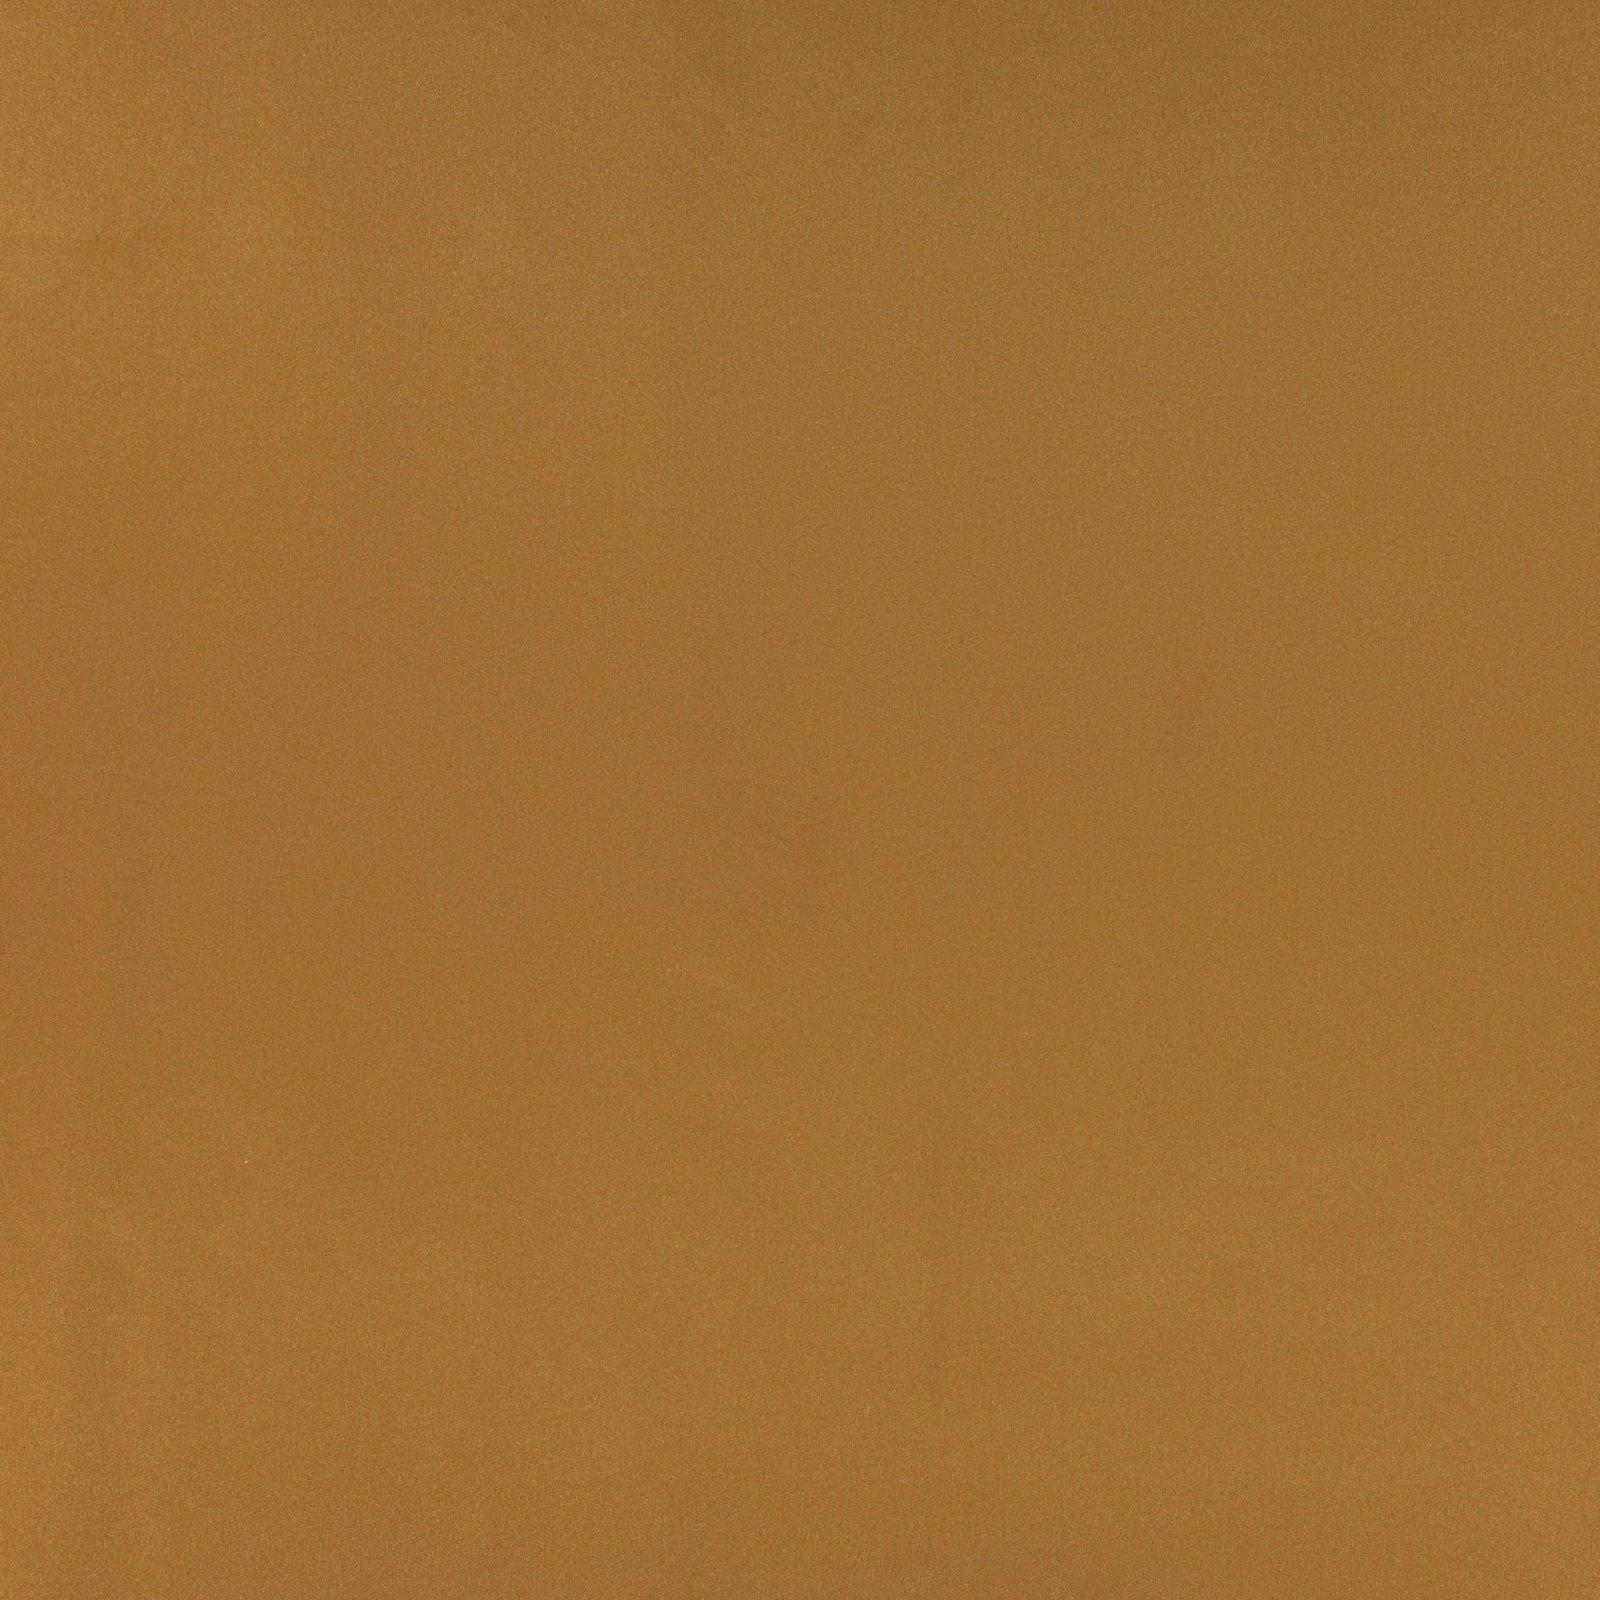 Duchess satin dark golden brown 620506_pack_solid